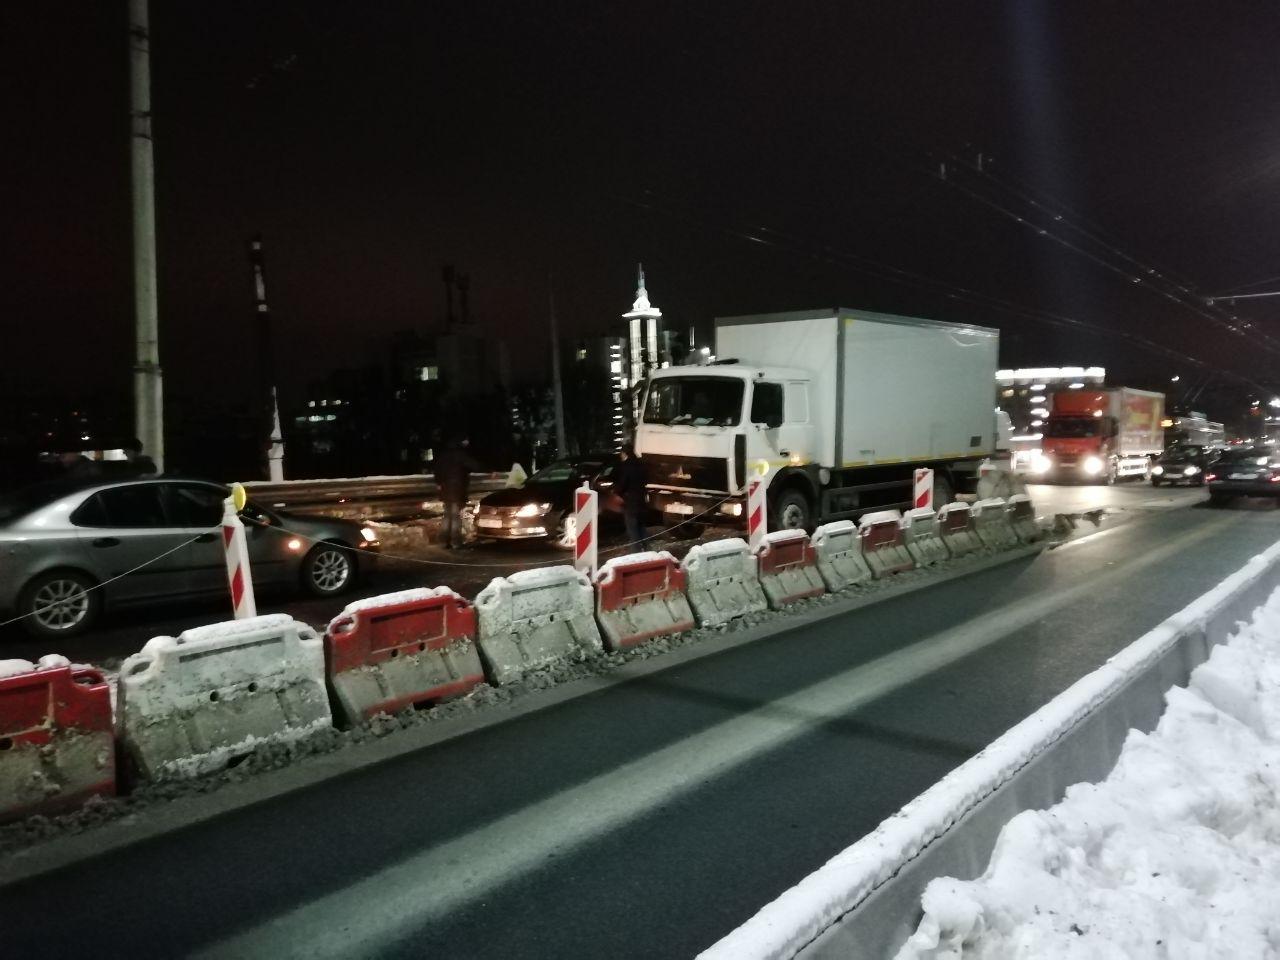 Опять два раза блокировали Кобринский мост в результате ДТП